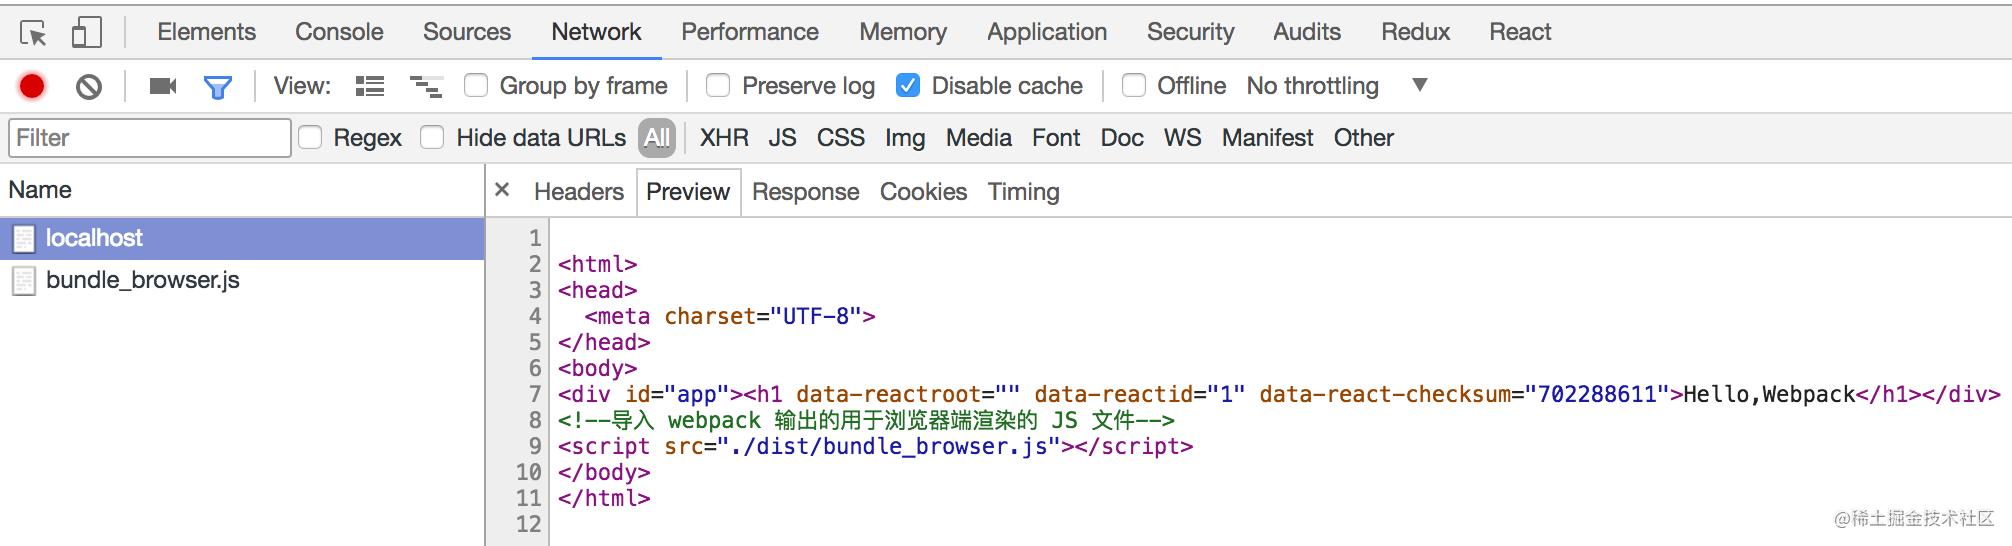 图3.9.1 服务端渲染抓包